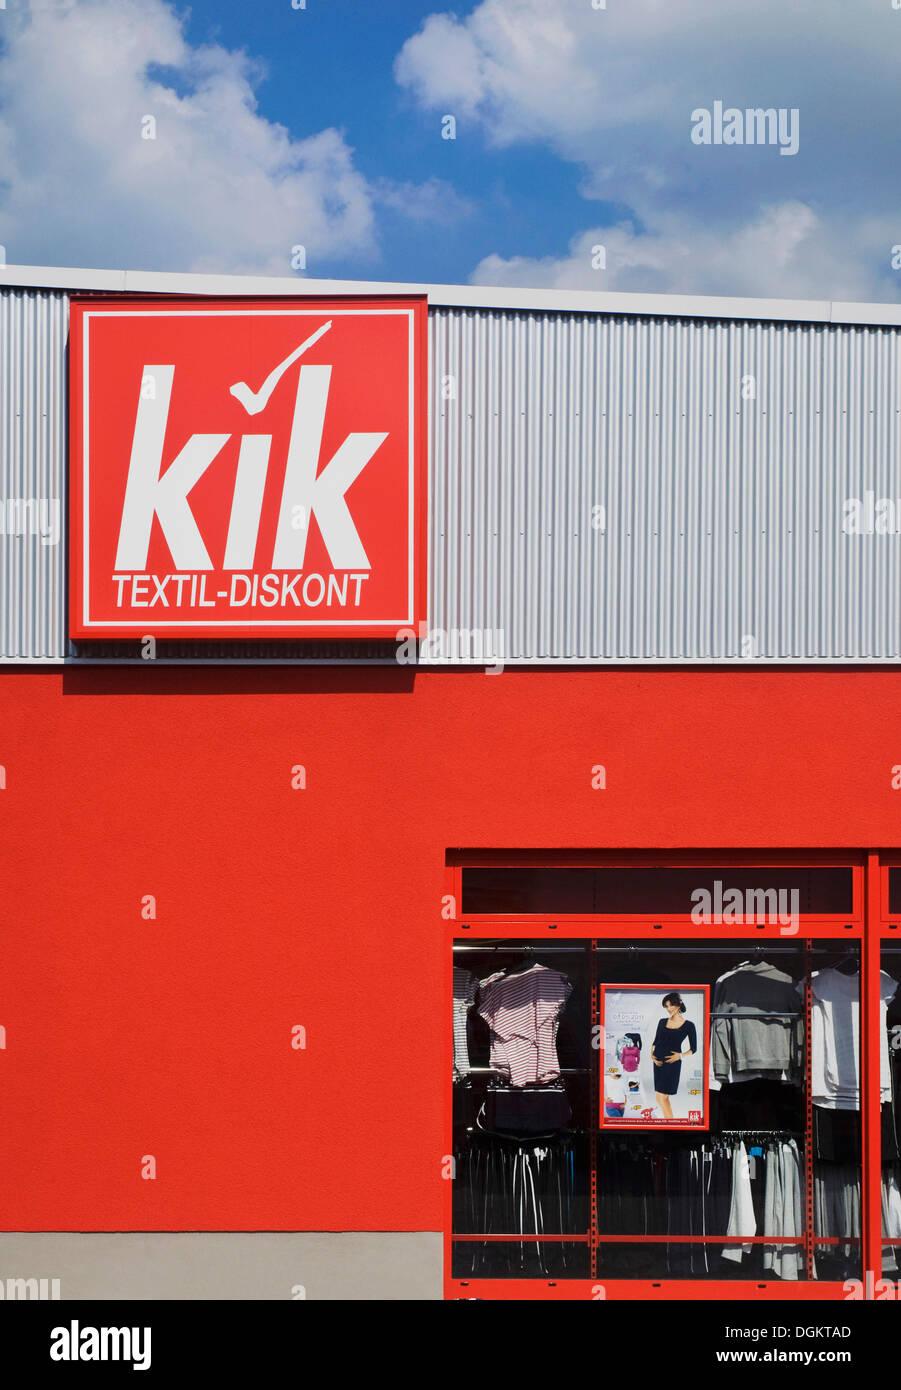 Logotipo de kik, almacén, cadena de ropa de descuento Imagen De Stock